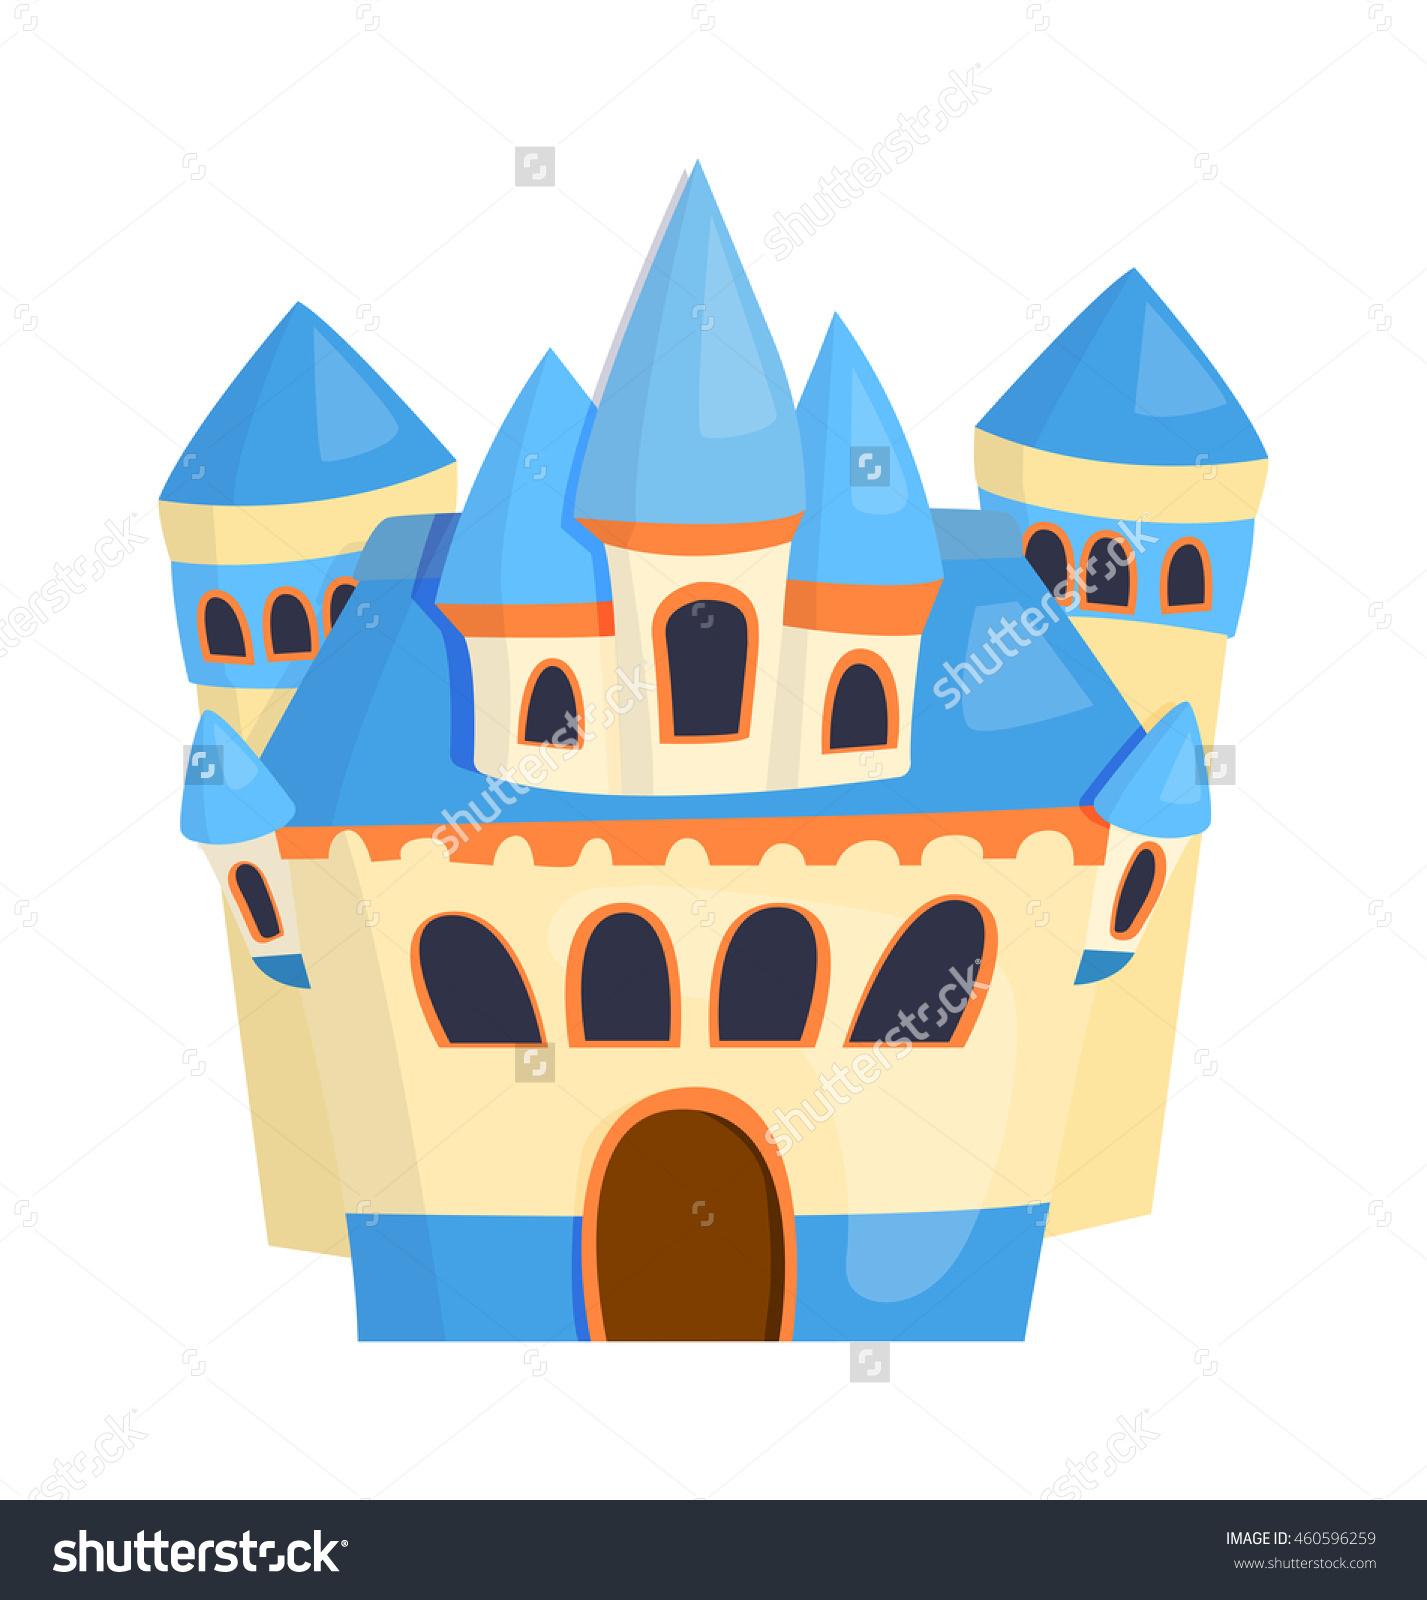 Cartoon Fairy Tale Castle Tower Icon Stock Vector 460596259.